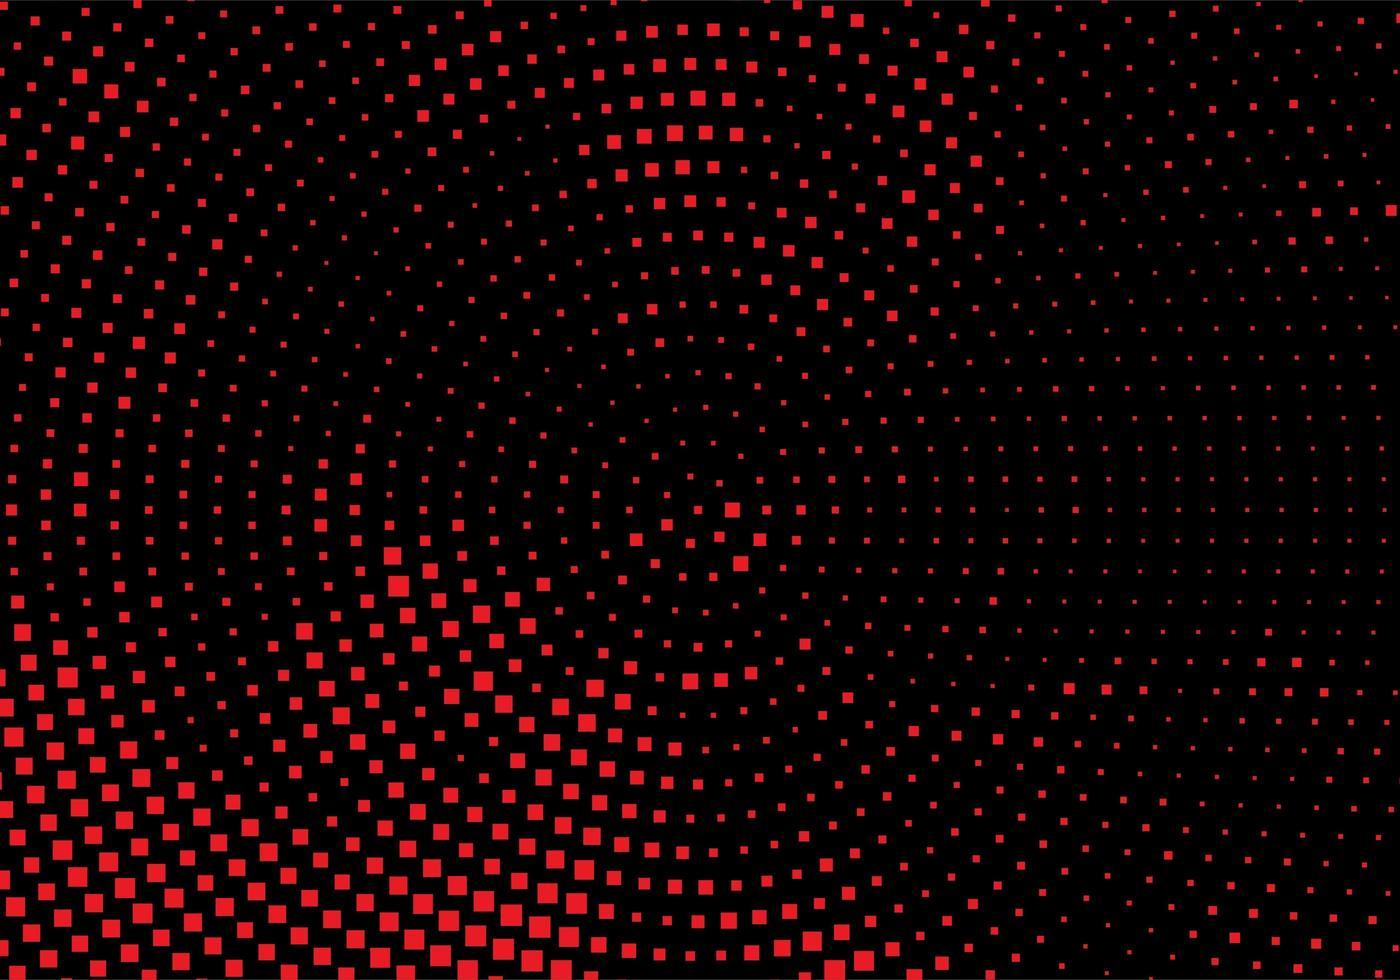 fond pointillé circulaire rouge et noir moderne vecteur